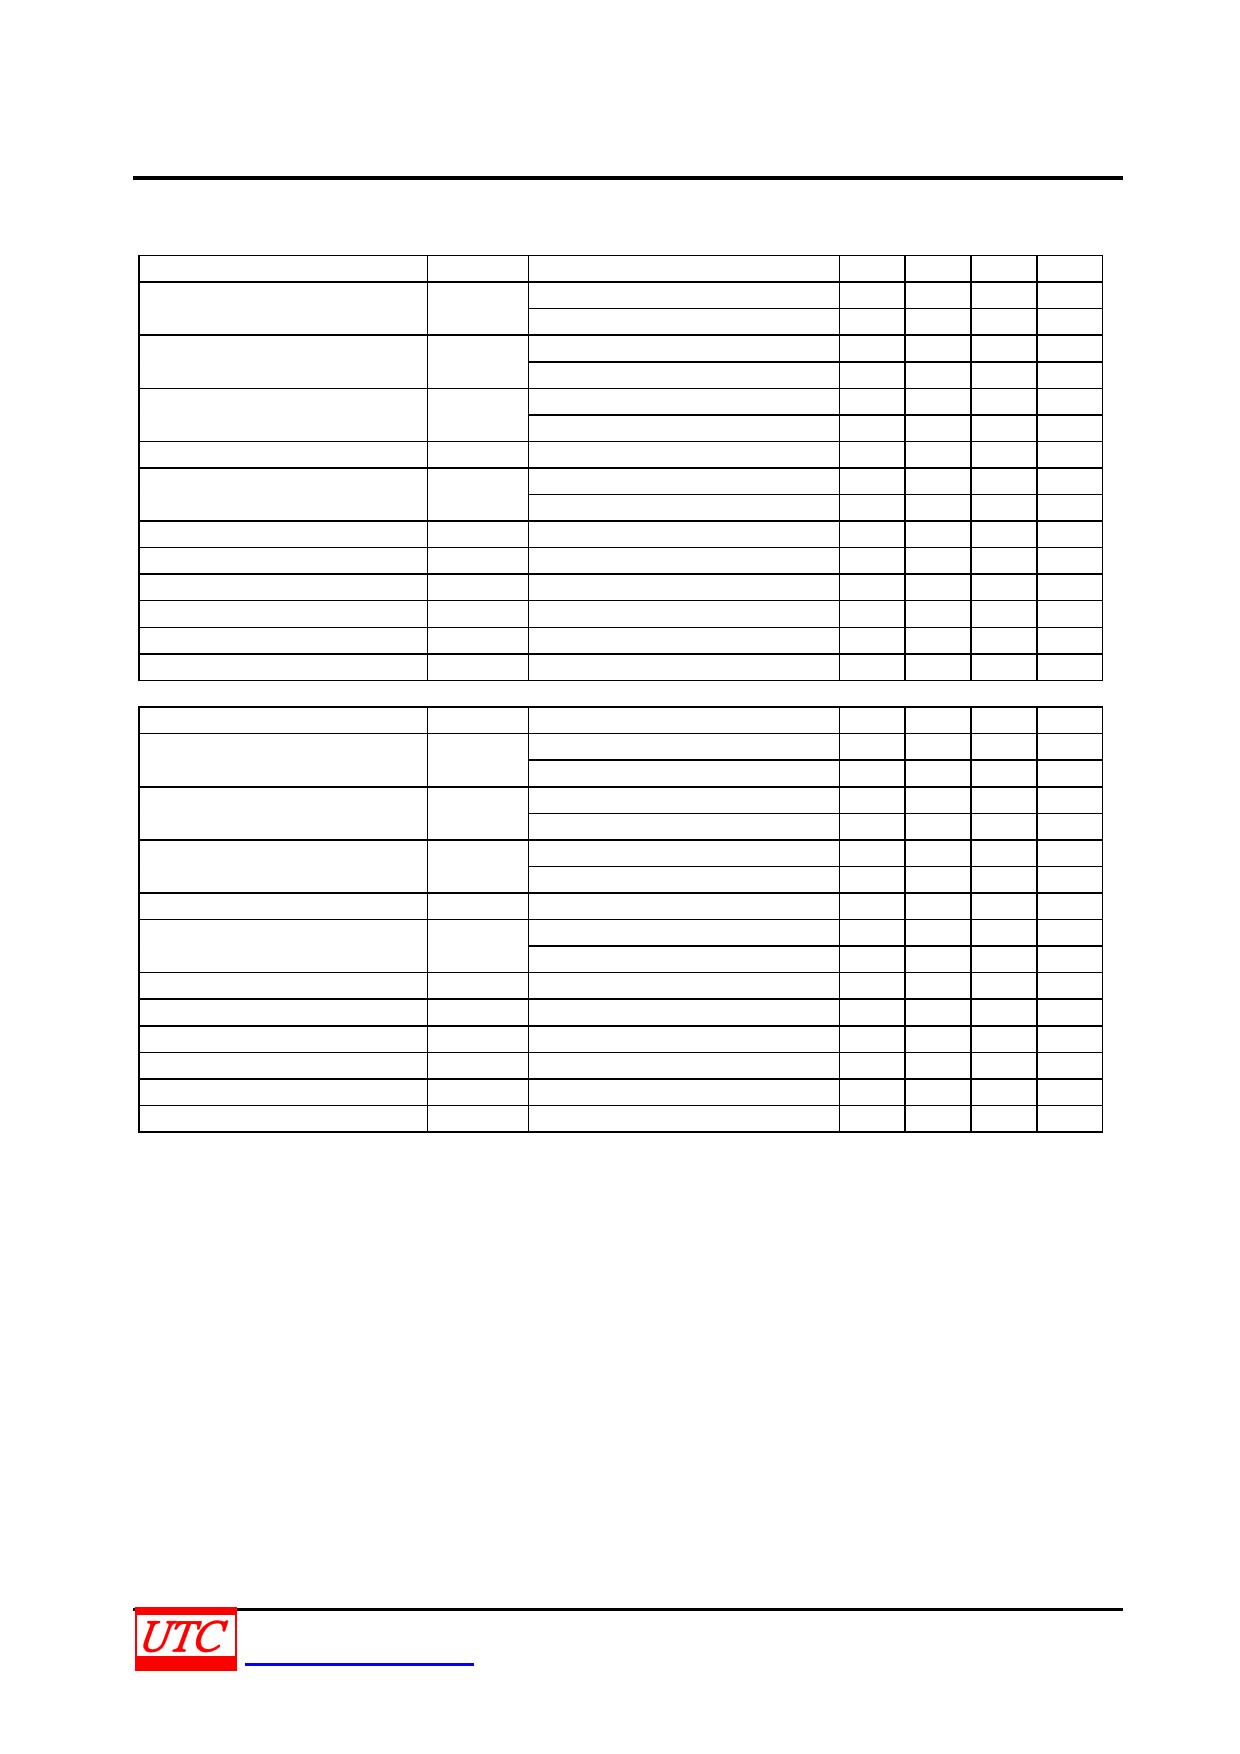 78T09 pdf